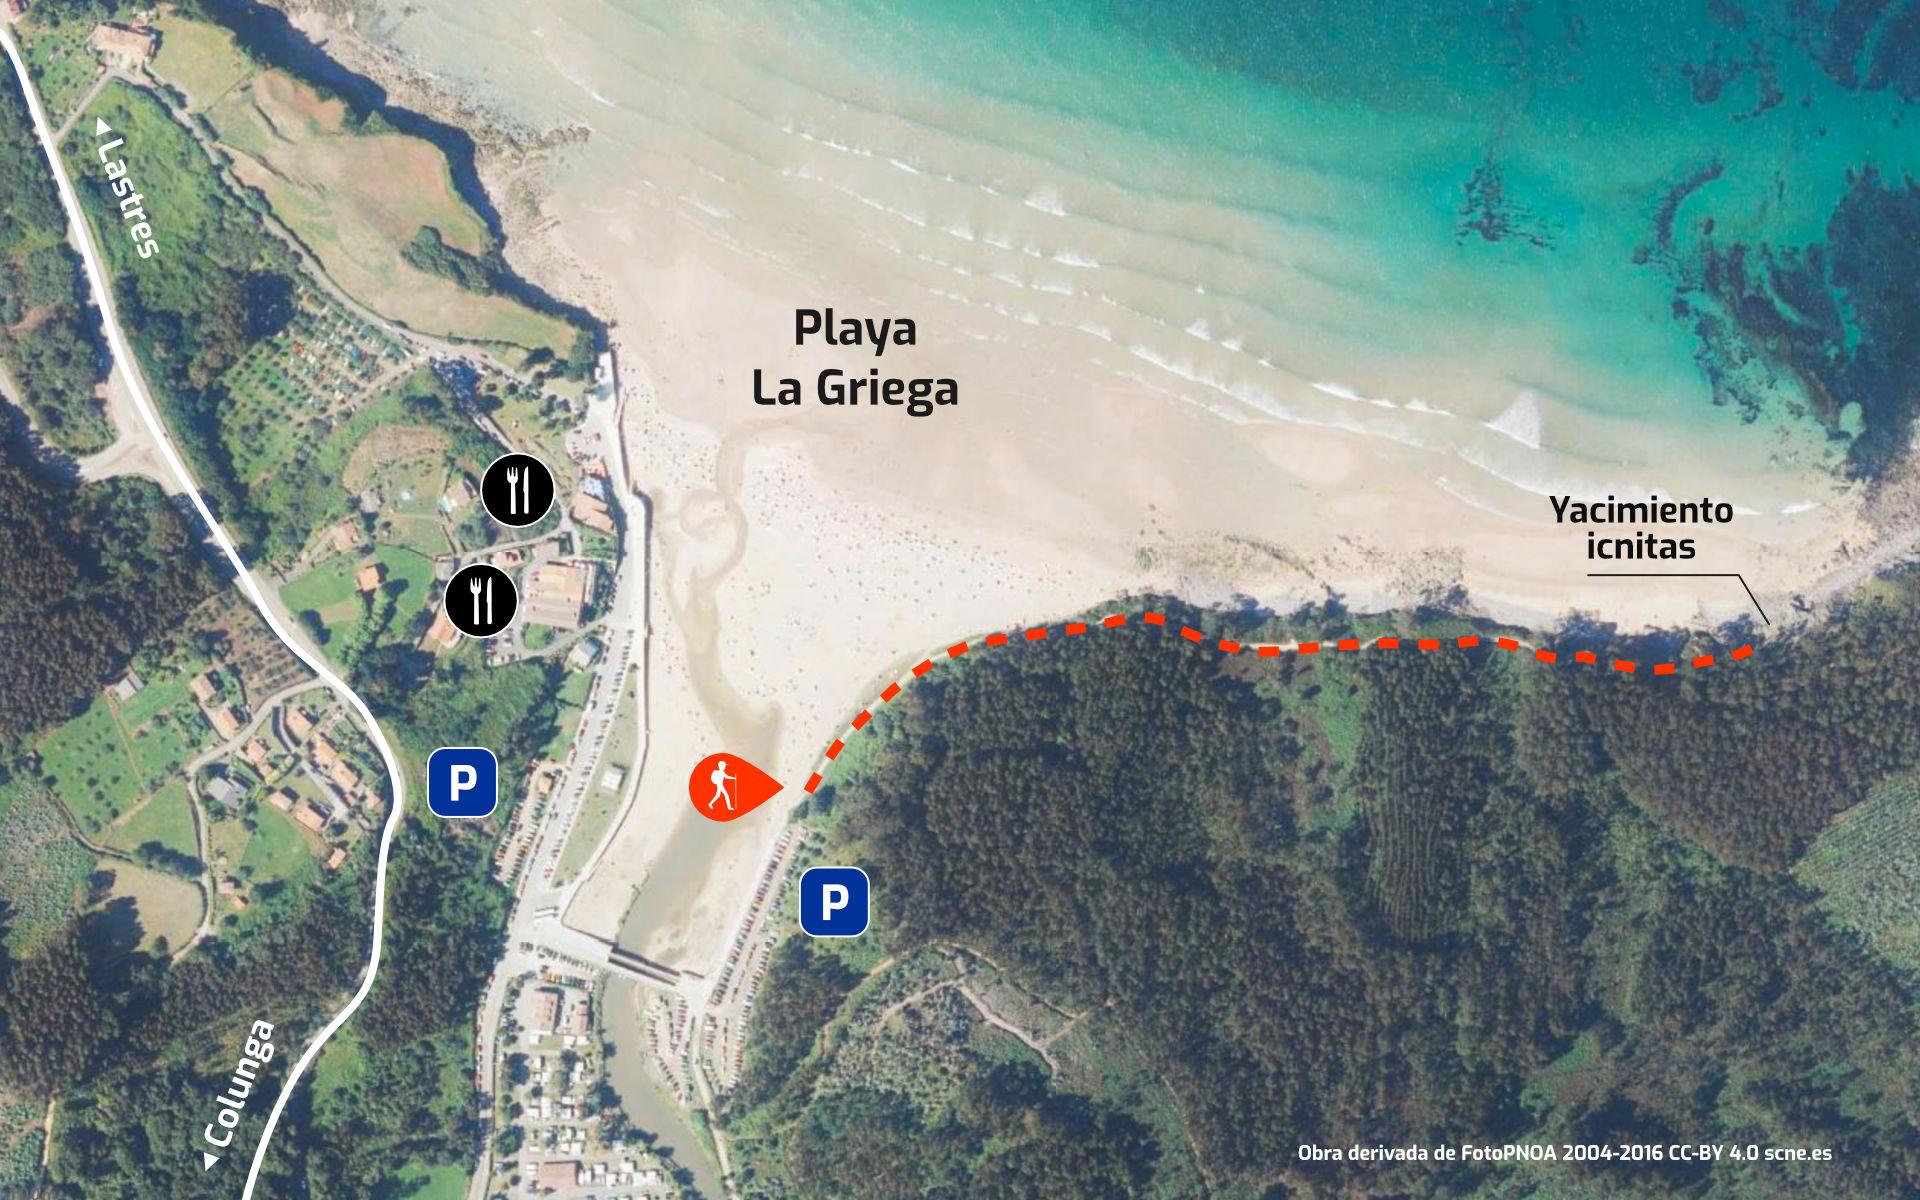 Mapa de cómo llegar al yacimiento de icnitas con huellas de dinosaurio de la Playa de La Griega, en Colunga, Asturias